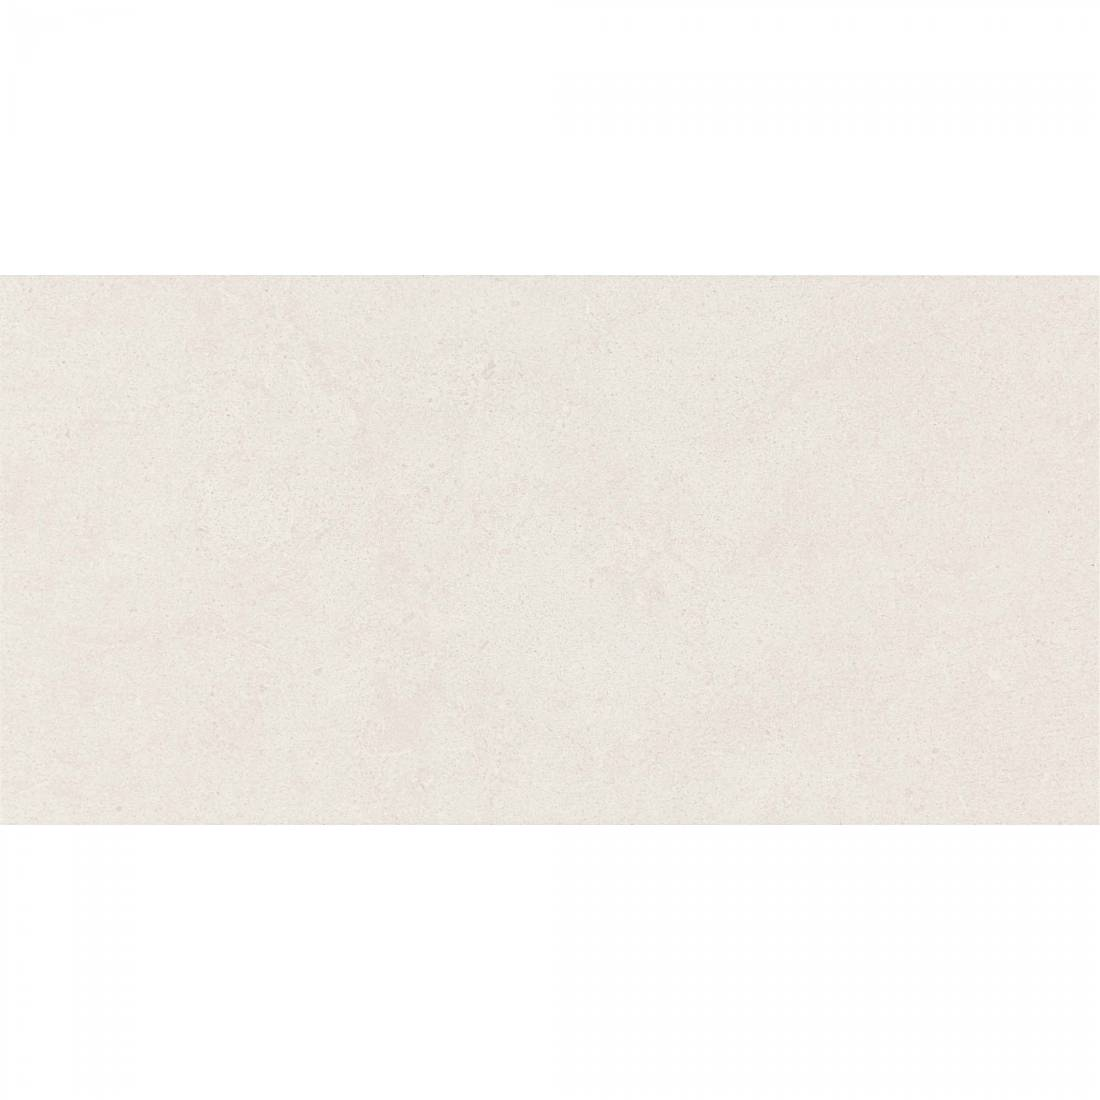 Erva 33x66 Beyaz Matt 1